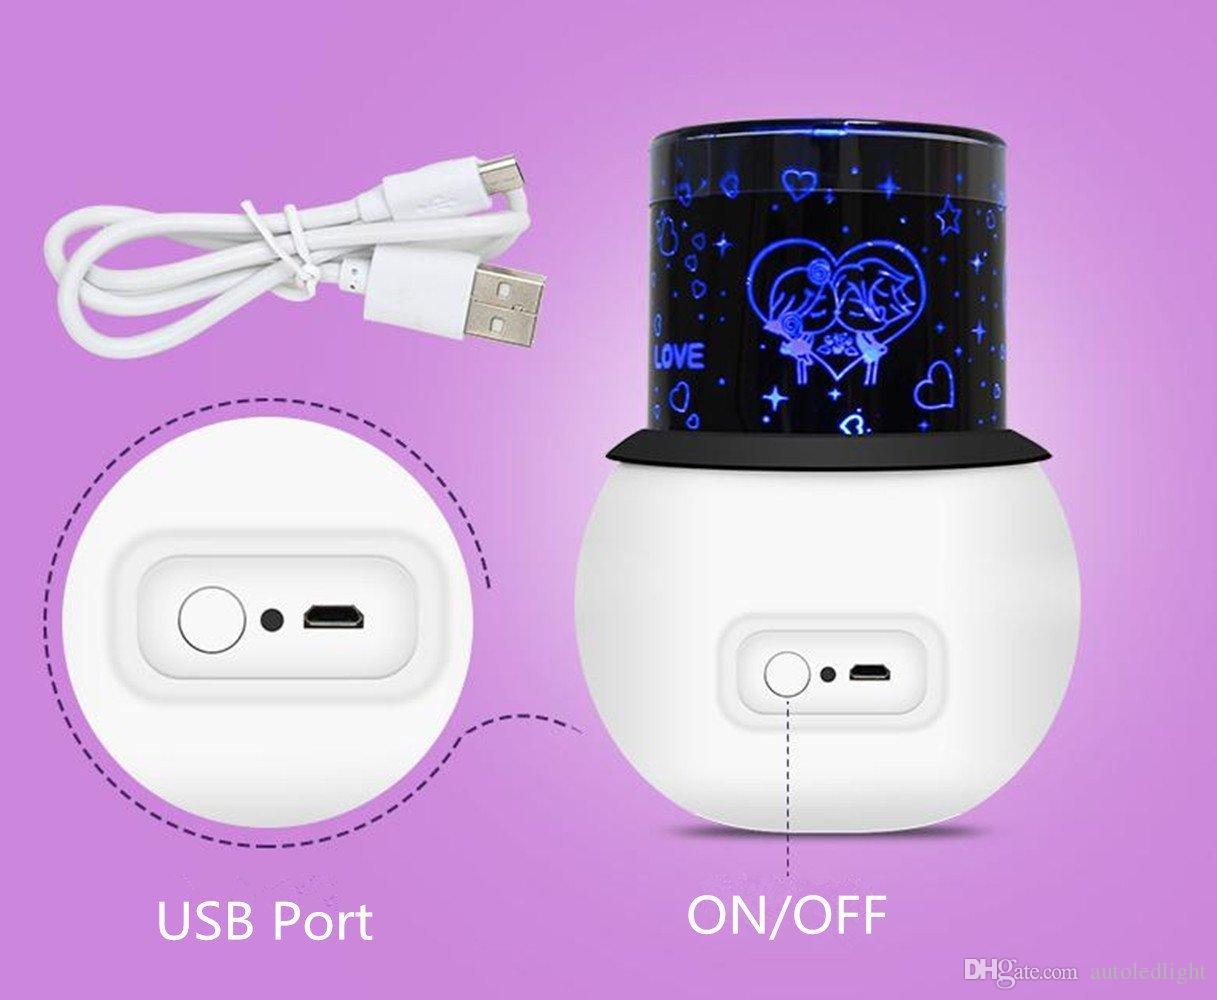 Sky LED lampe de projecteur, lumière de projecteur pour enfants et adultes, belle lumière décorative de cadeau de Noël, bébé nuit d'enfants